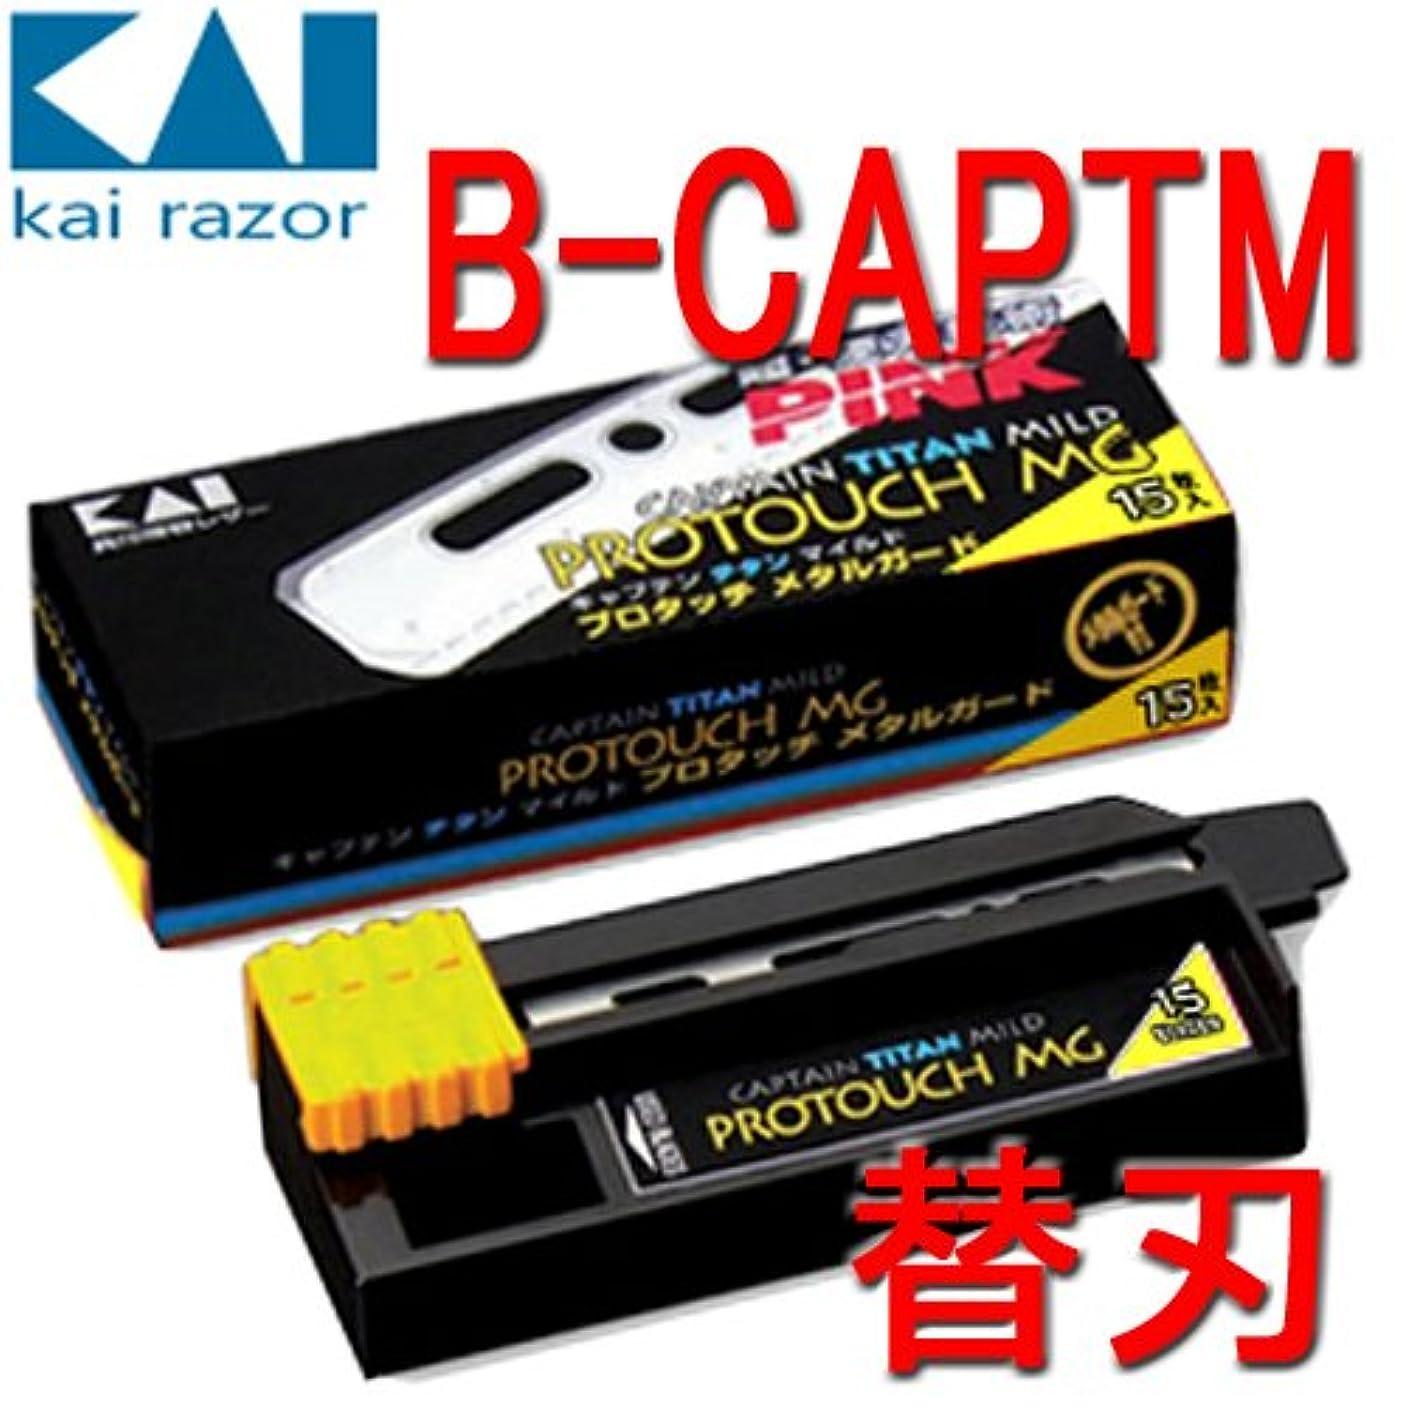 幸運なことに熱帯のカブ【貝印カミソリ】 業務用 キャプテン-チタン-メタルガード15 (B-CAPTM)